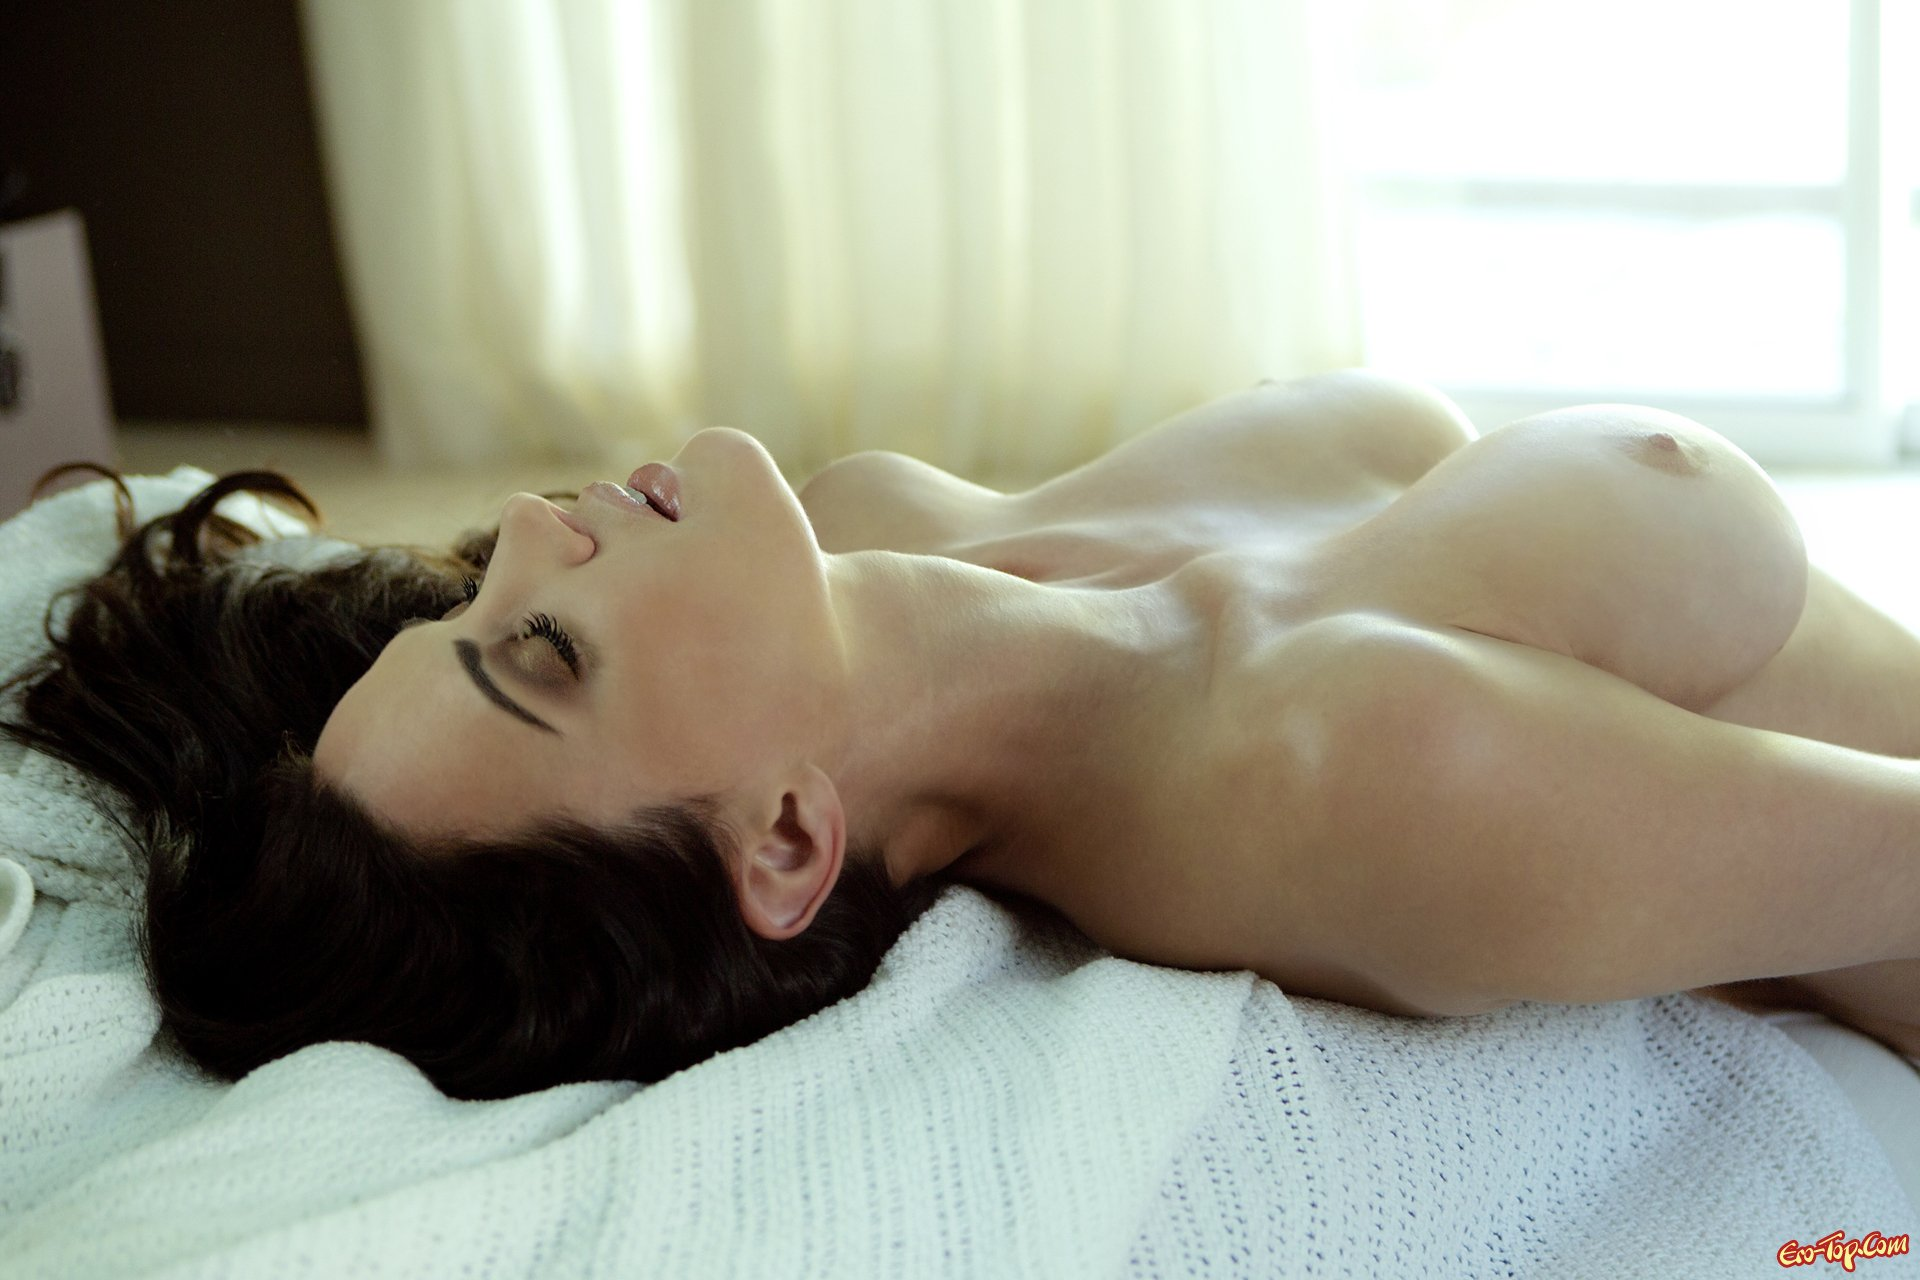 Фото груди в постели 1 фотография